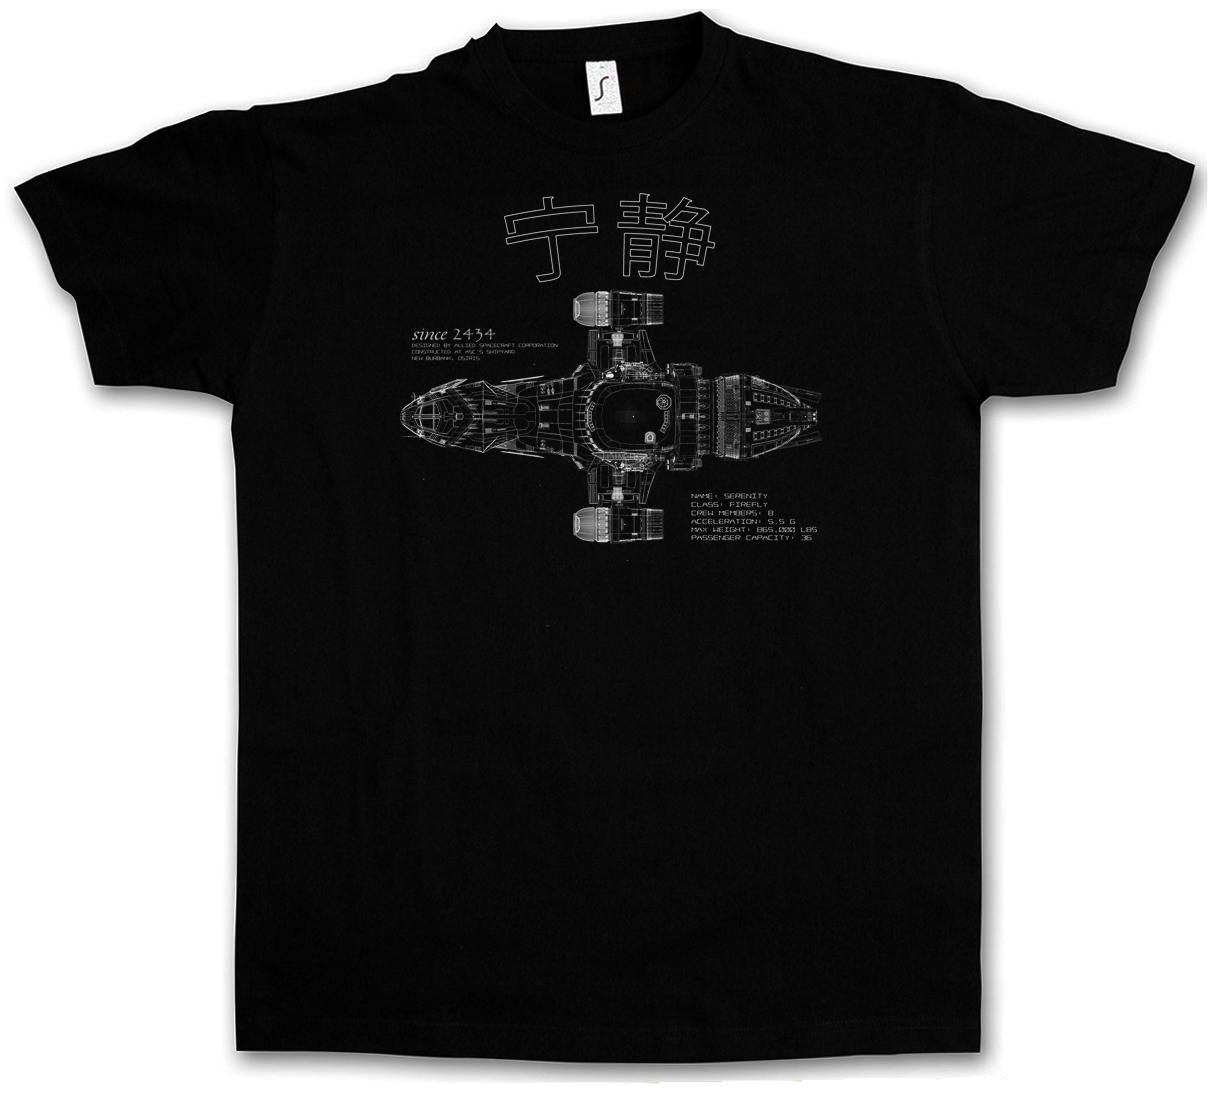 Serenity Blueprint t-shirt-Movie tv série Blue sun joss whedon FIREFLY t-shirt